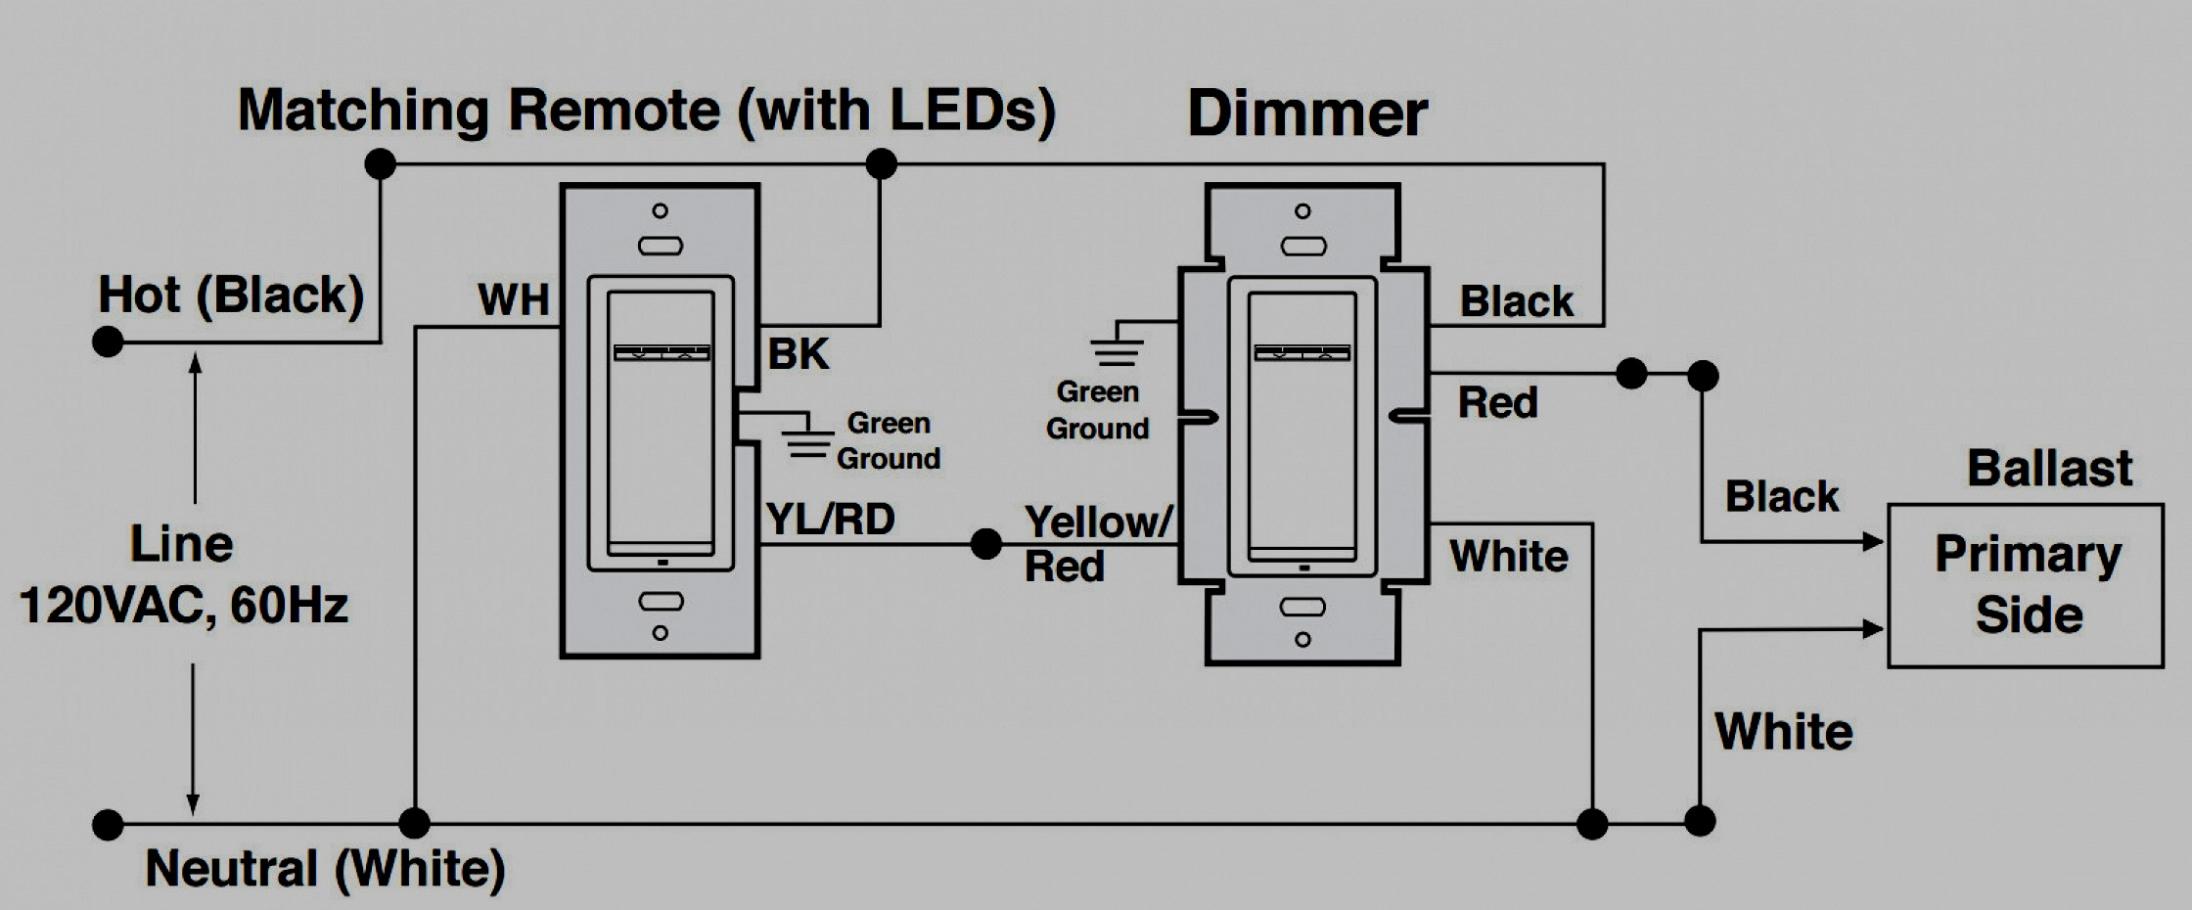 Lutron Wire Diagram | Schematic Diagram - 3 Way Dimmer Switch Wiring Diagram